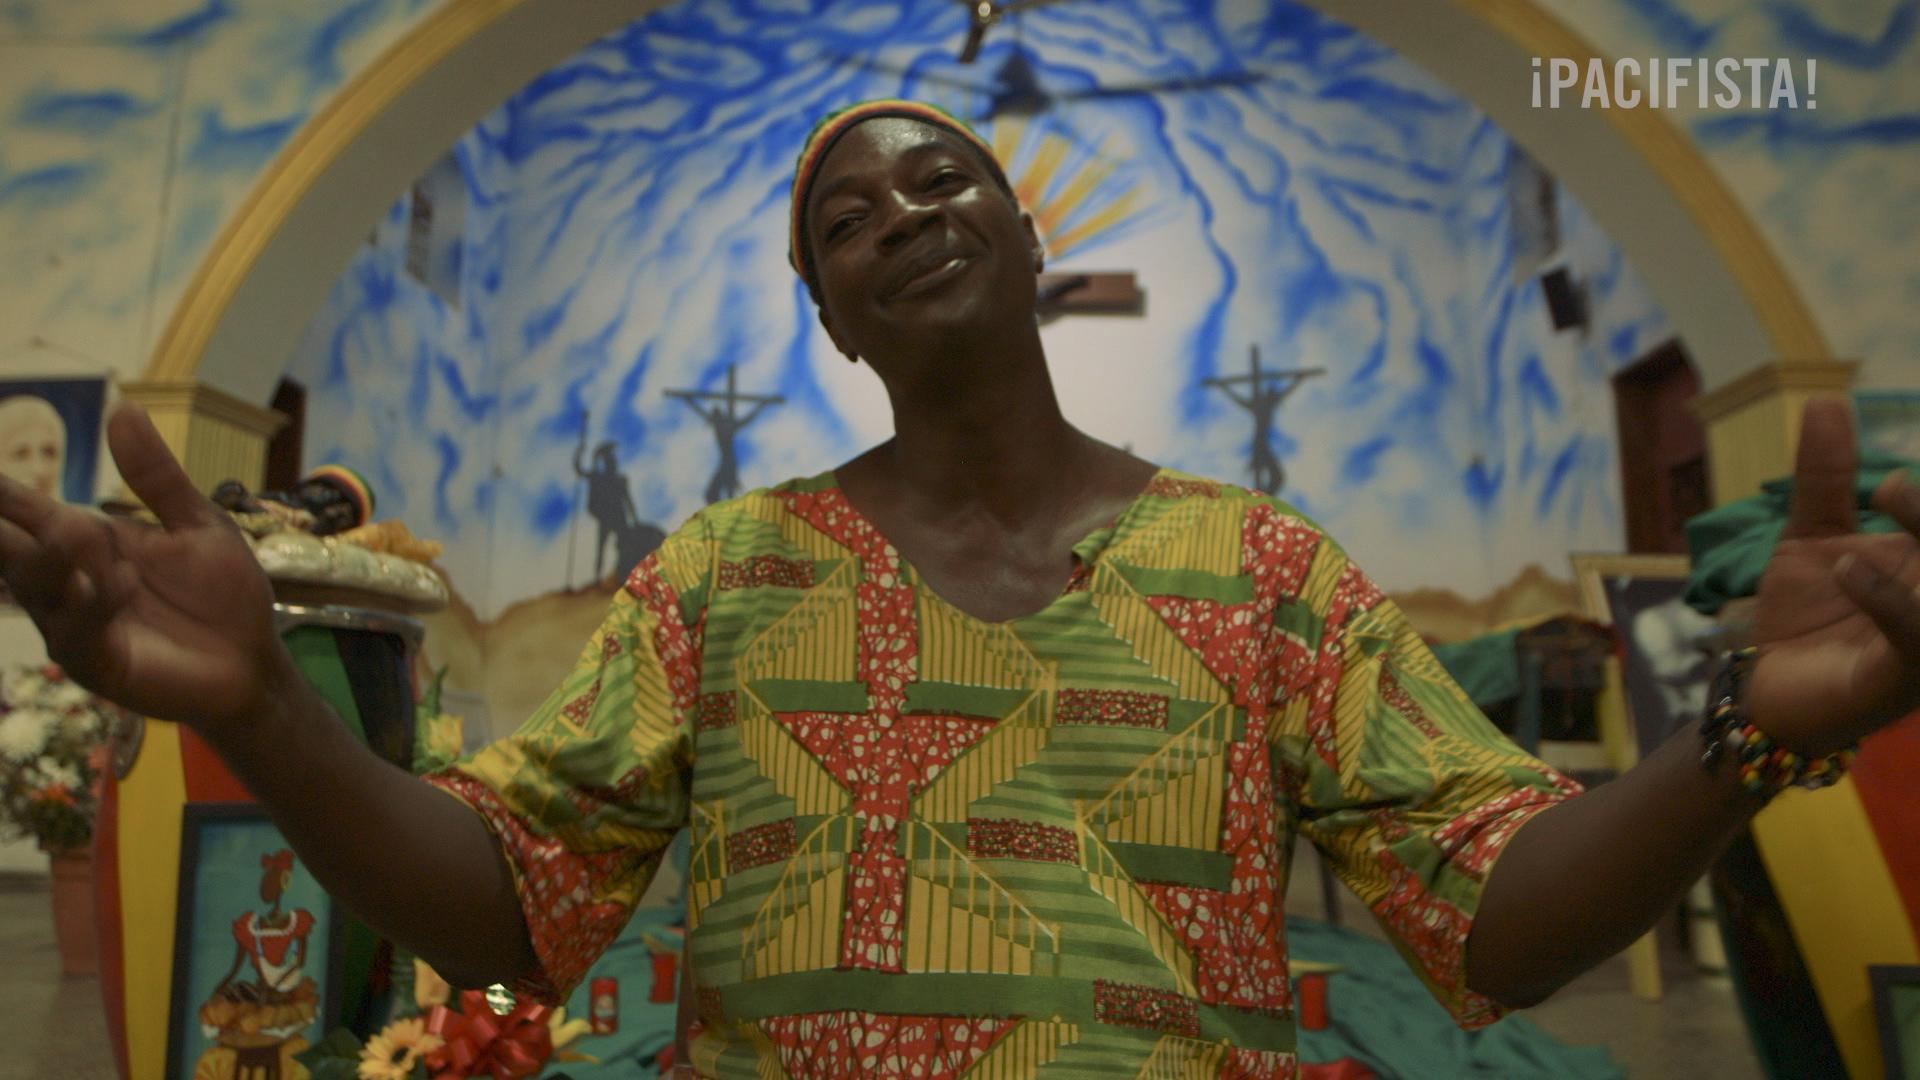 ¡Pacifista! presenta: Dios es negro